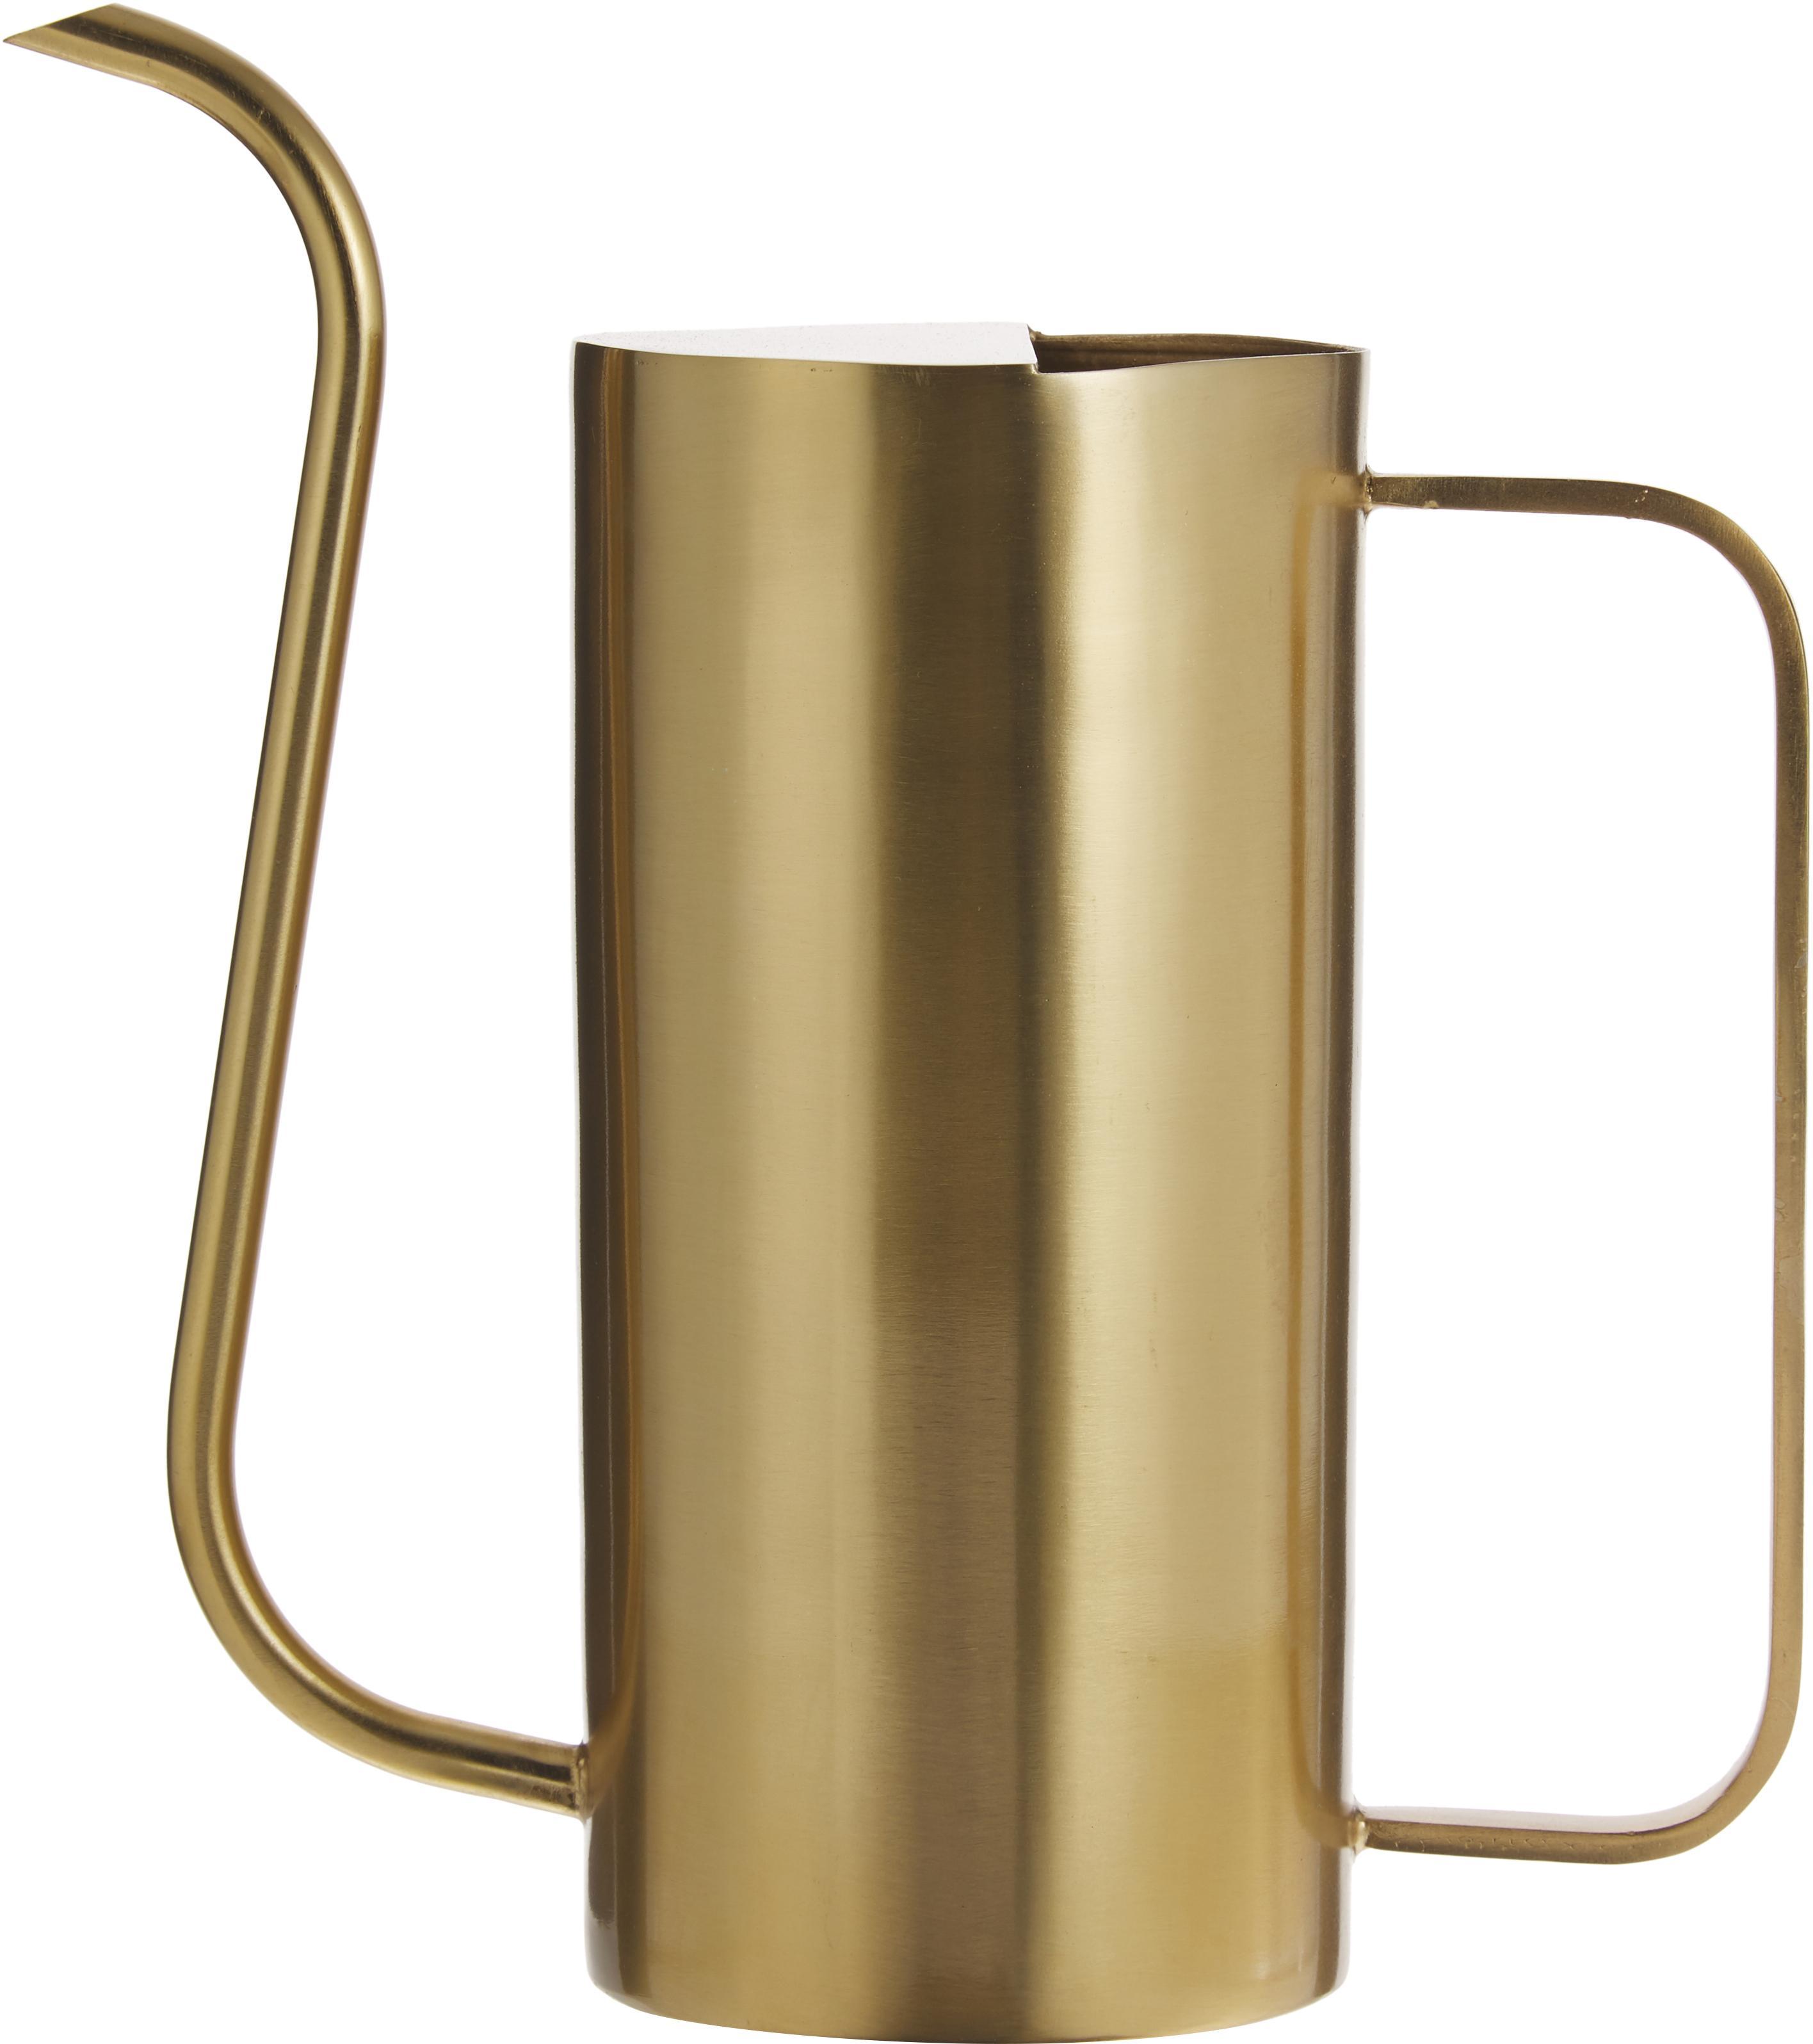 Annaffiatoio Brass, Ferro ottonato, Ottone, Larg. 25 x Alt. 25 cm